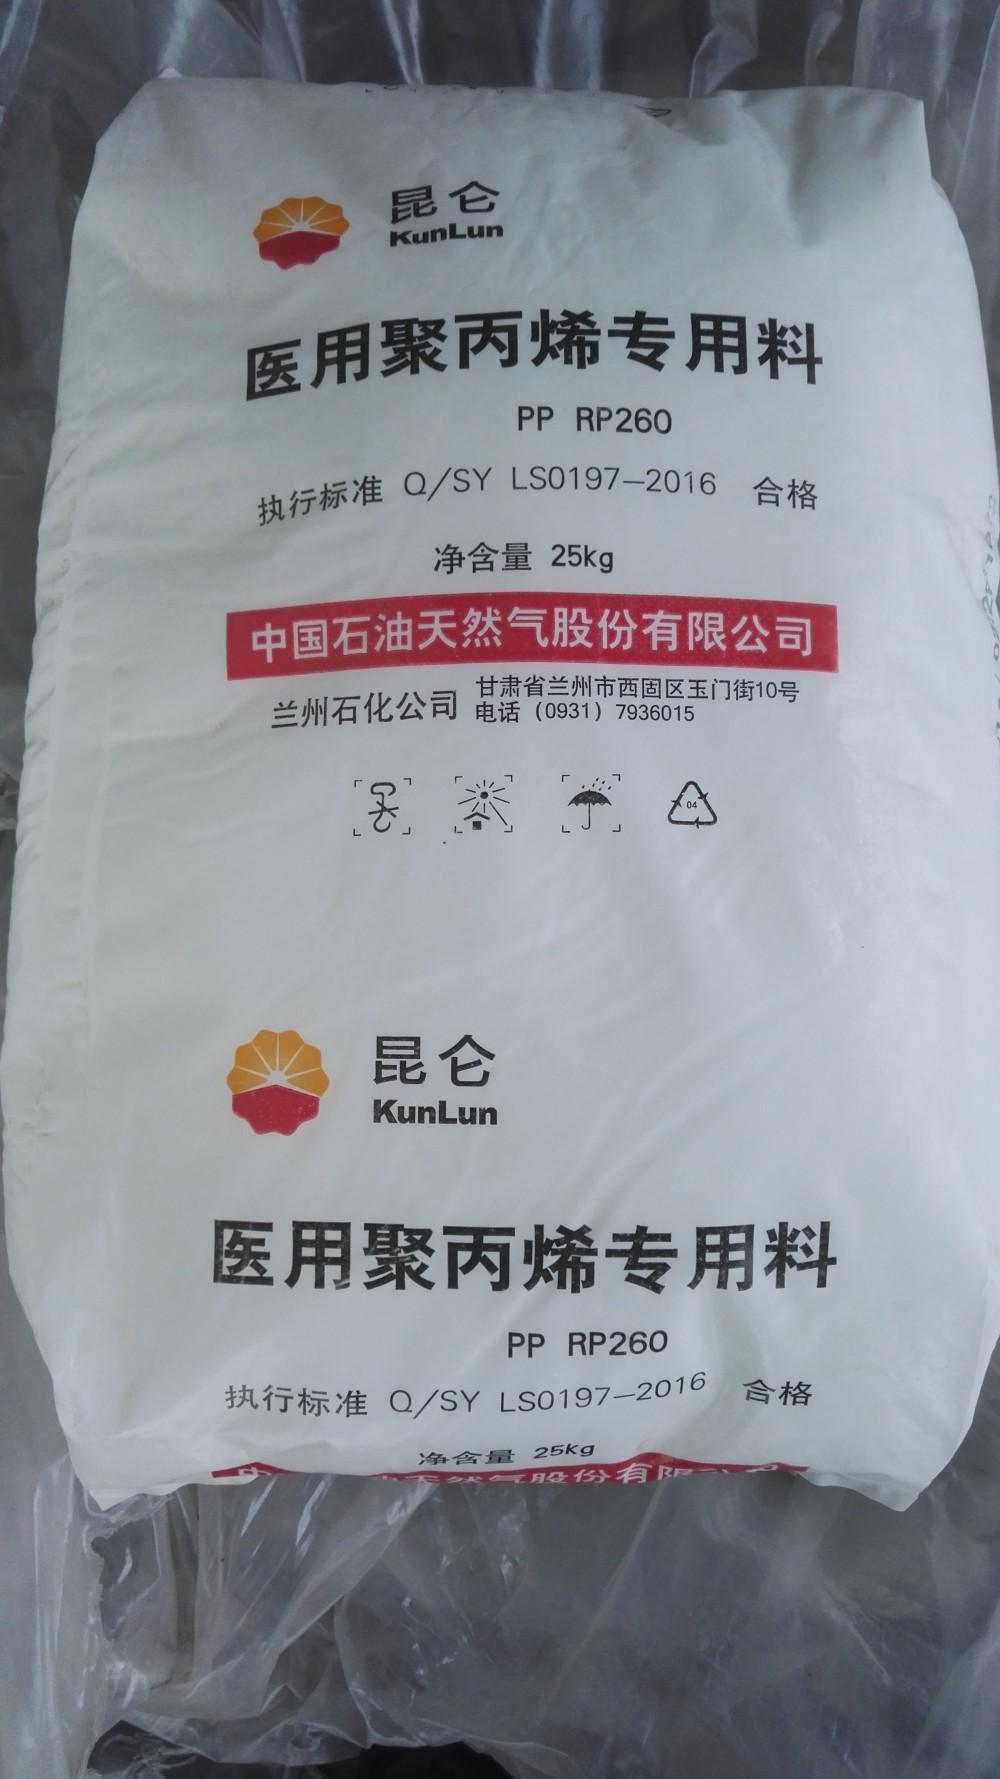 医用聚丙烯专用料-RP260